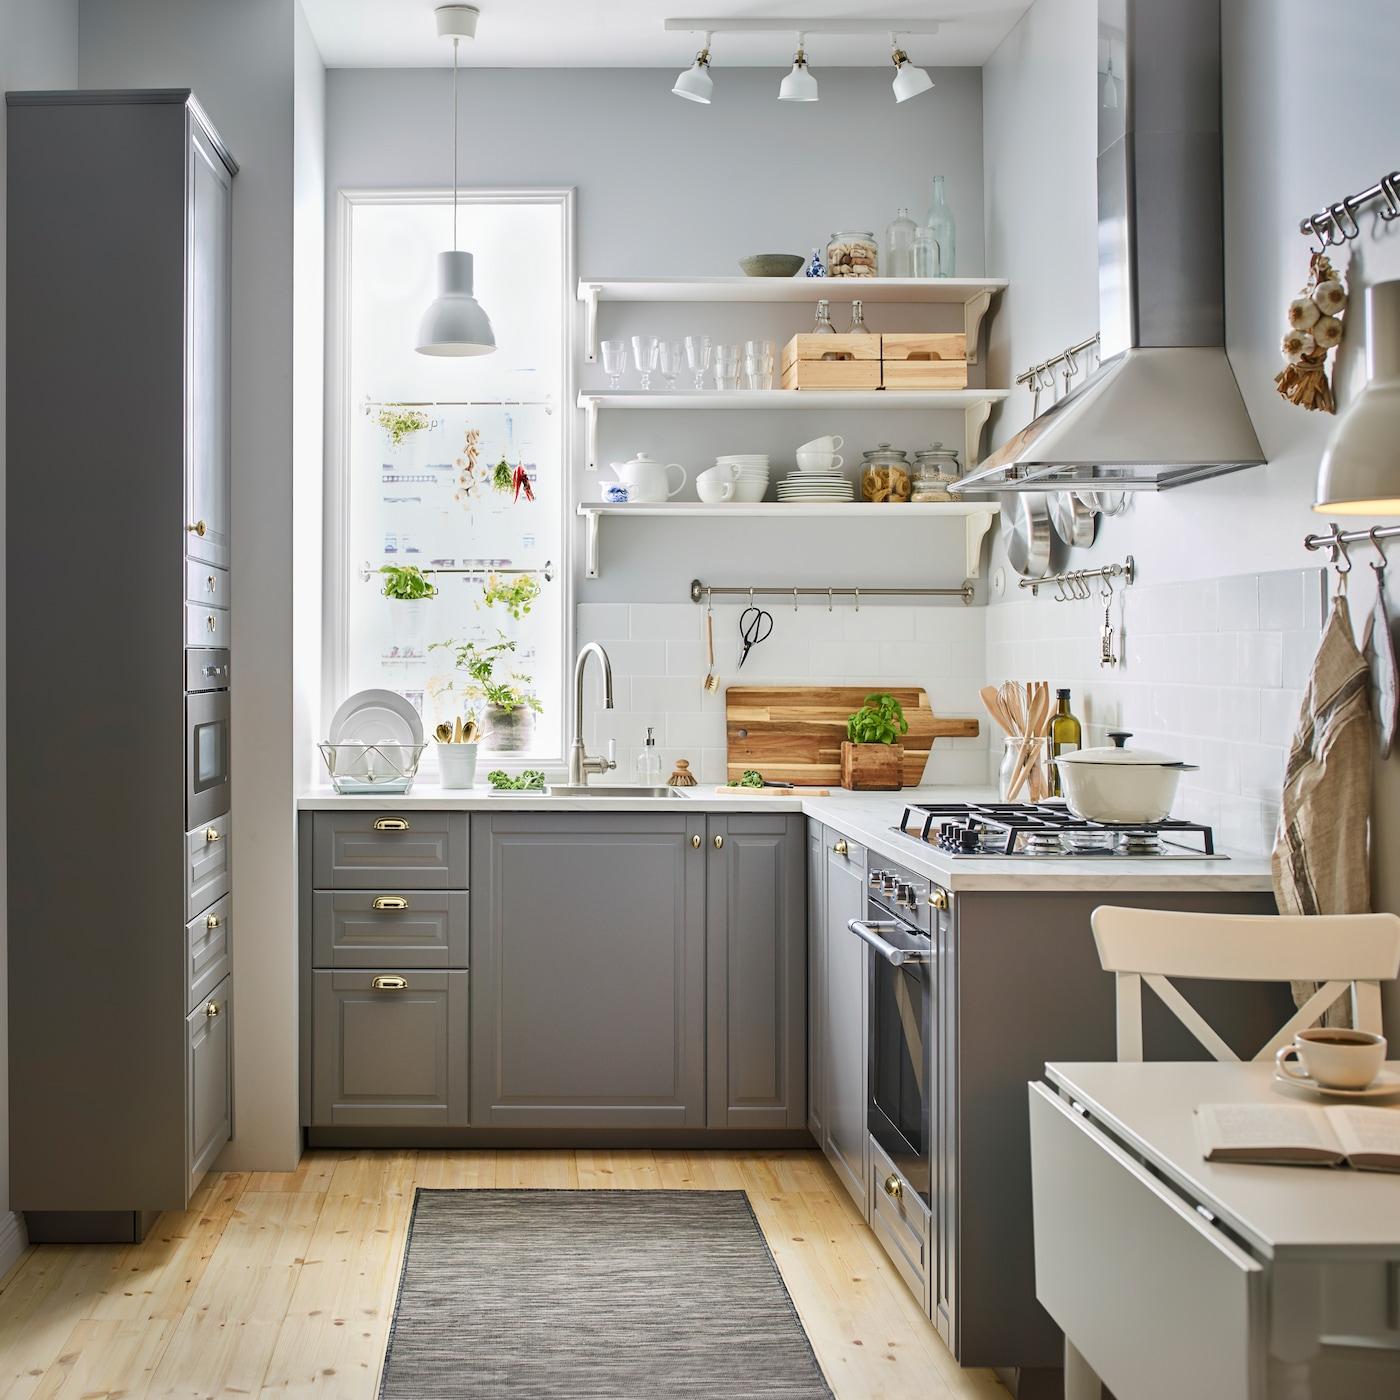 Wonderlijk Kitchen inspiration - IKEA BW-77